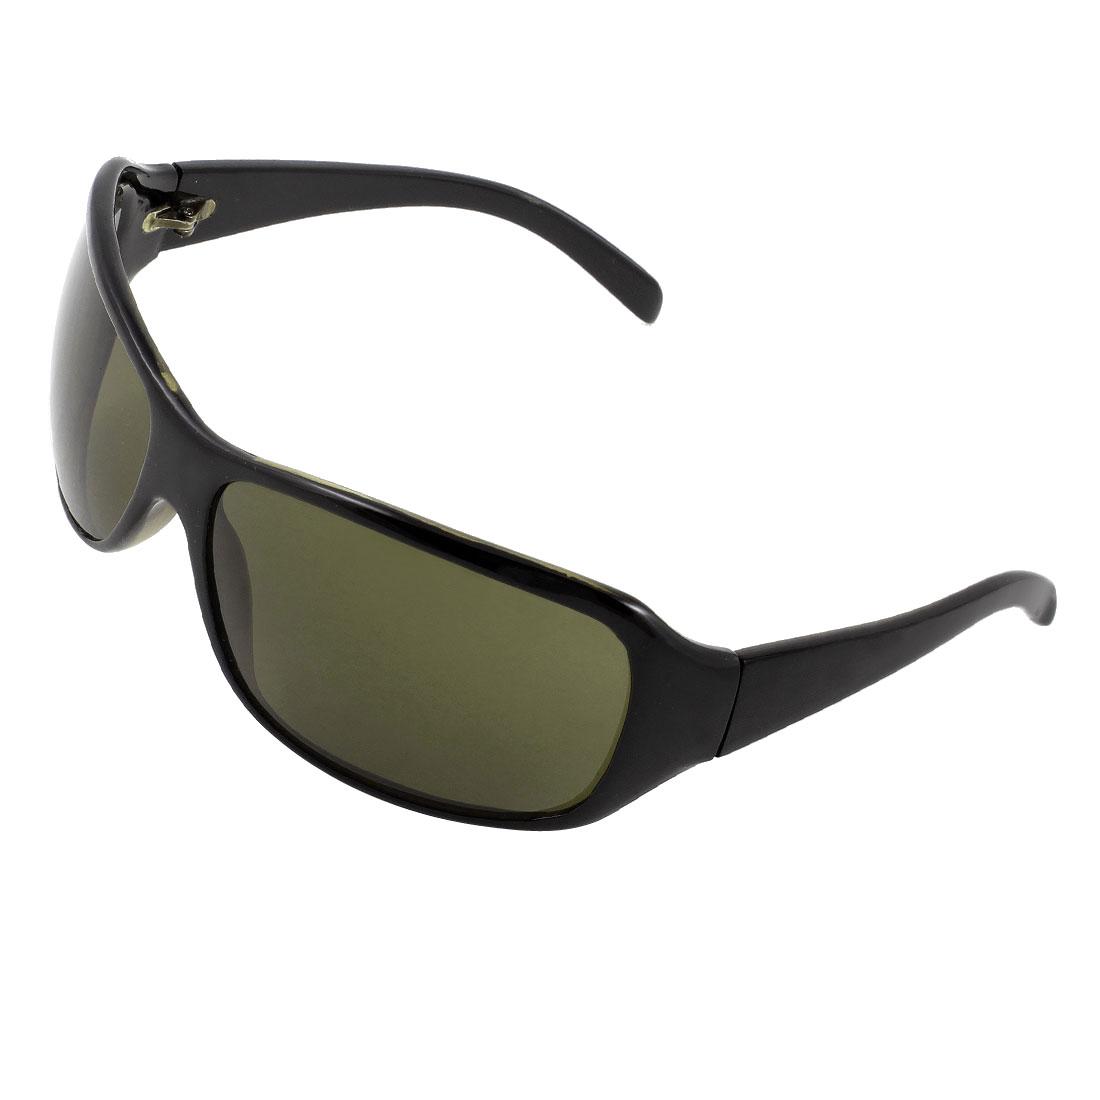 Black Full Rim Single Bridge Colored Lens Outdoor Sunglasses for Unisex